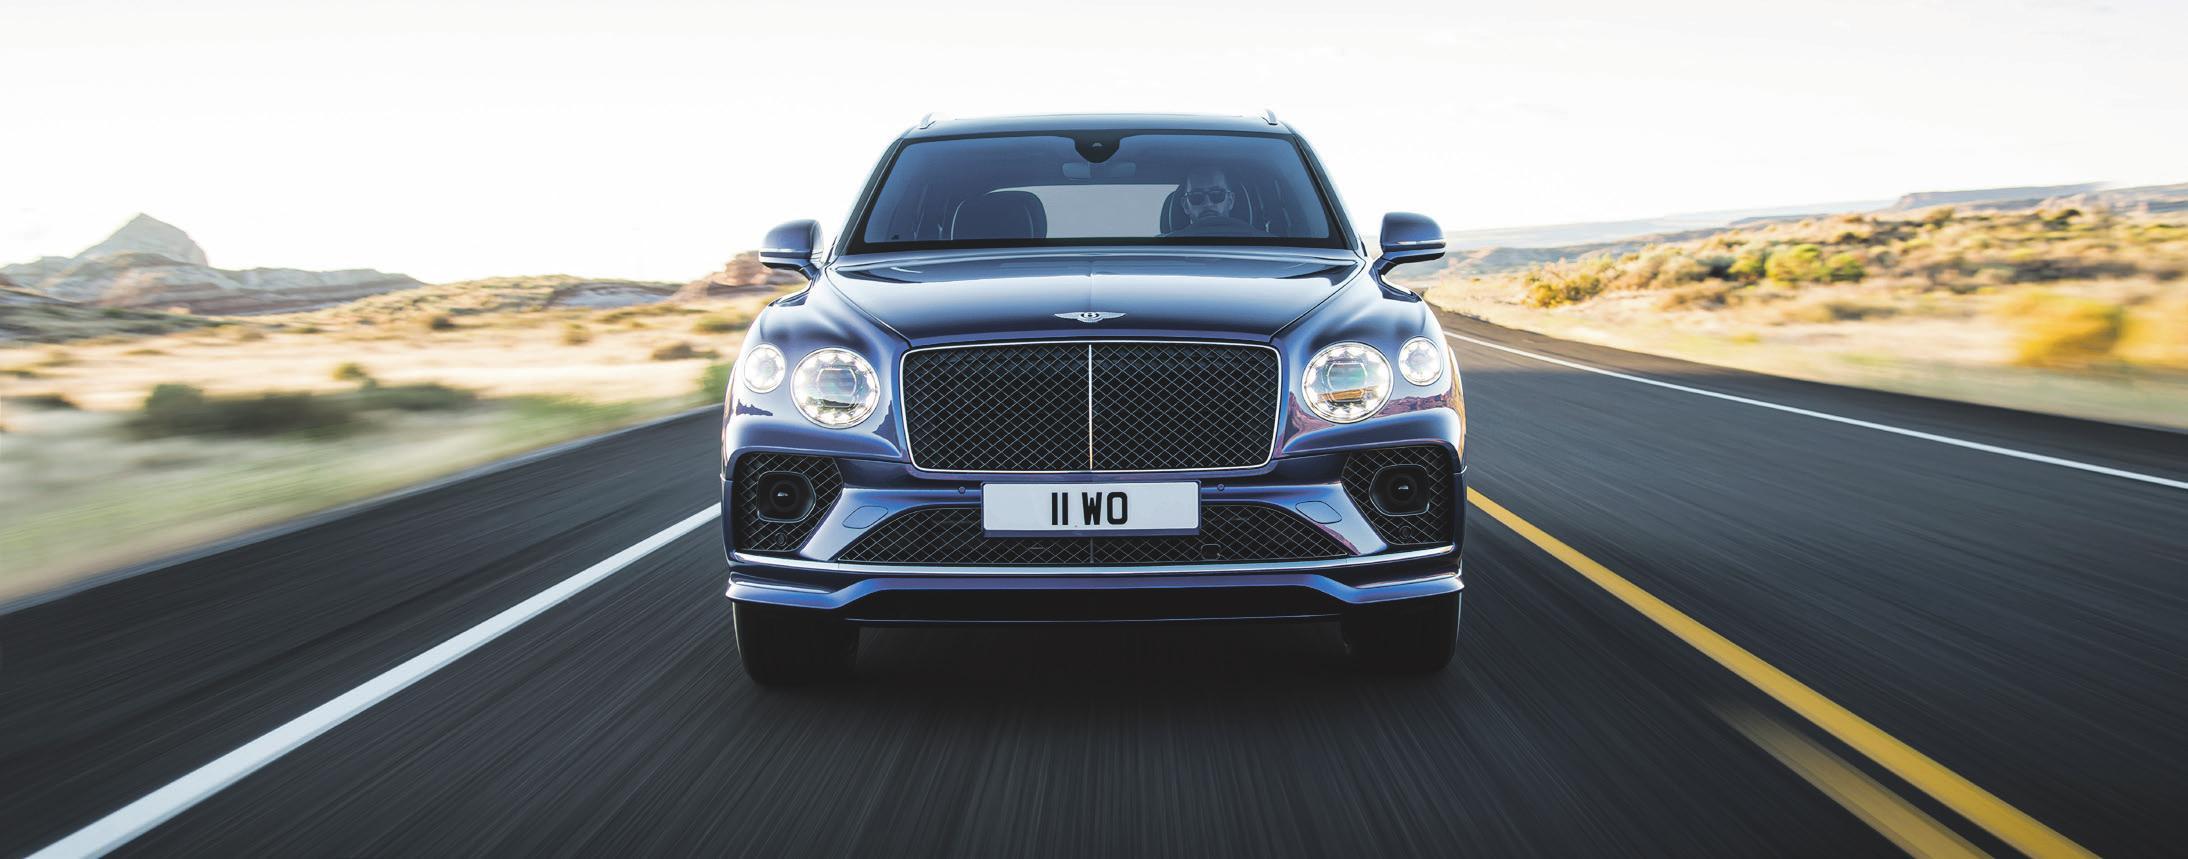 Der neue Bentley Bentayga V8: Die hintere Spurbreite wurde vergrößert und die Räder neu positioniert, sodass das SUV noch souveräner auftritt. Foto: Bentley Frankfurt